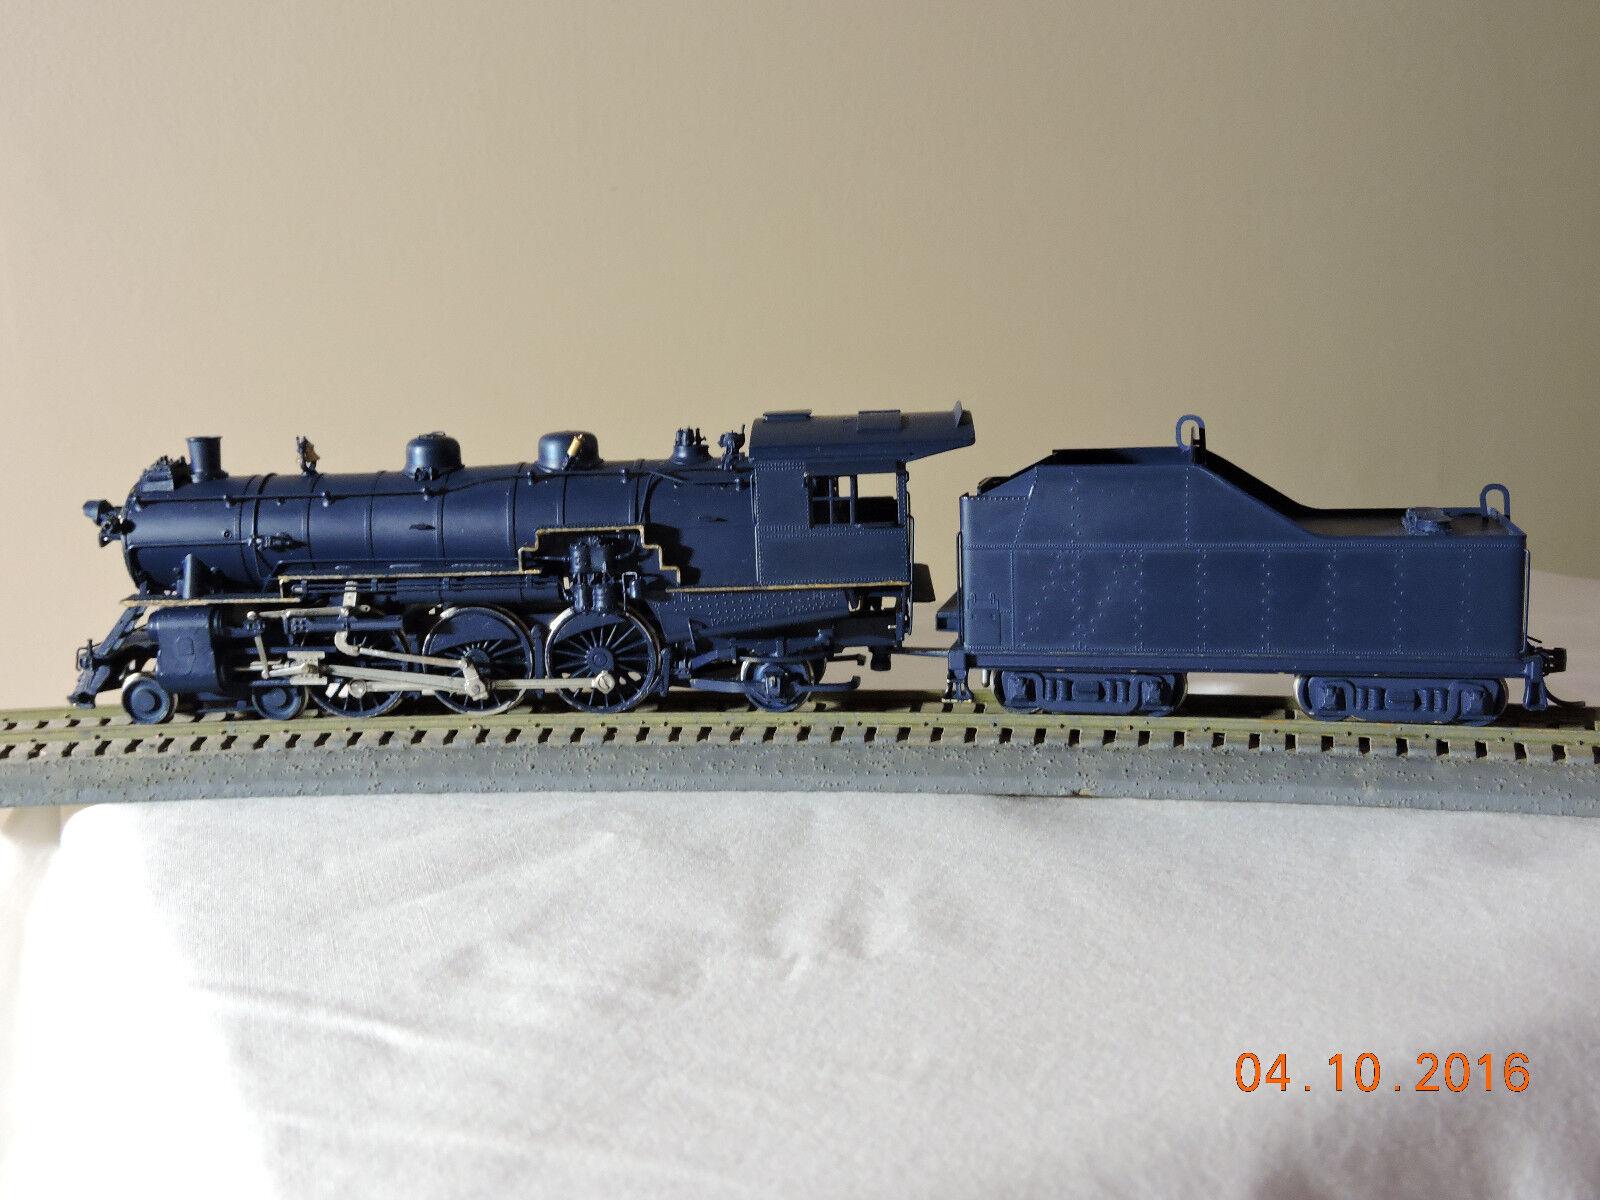 precios mas bajos Escala Ho Westside ModeloNakamuru J-1 4-6-2 locomotora locomotora locomotora latón del Pacífico (DC)  venta caliente